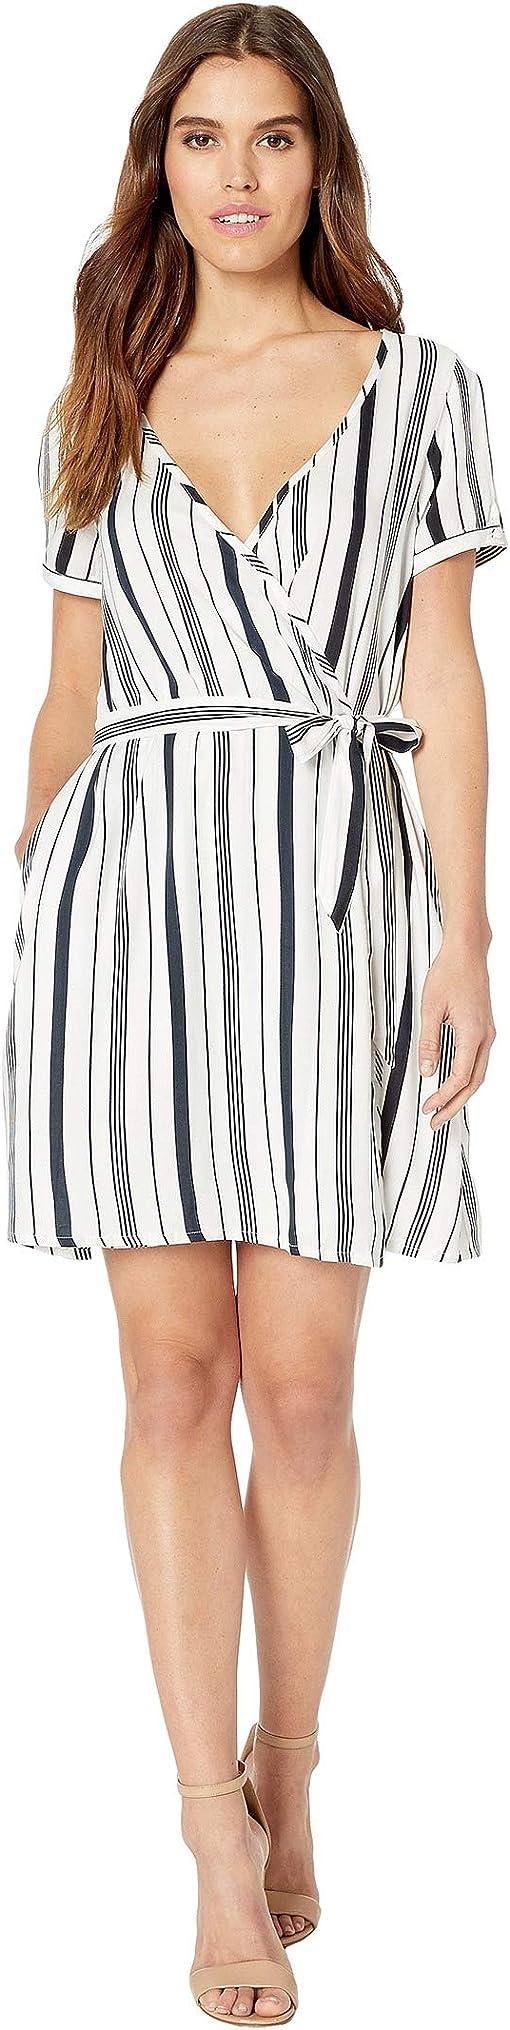 Marshmallow Licorice Stripe